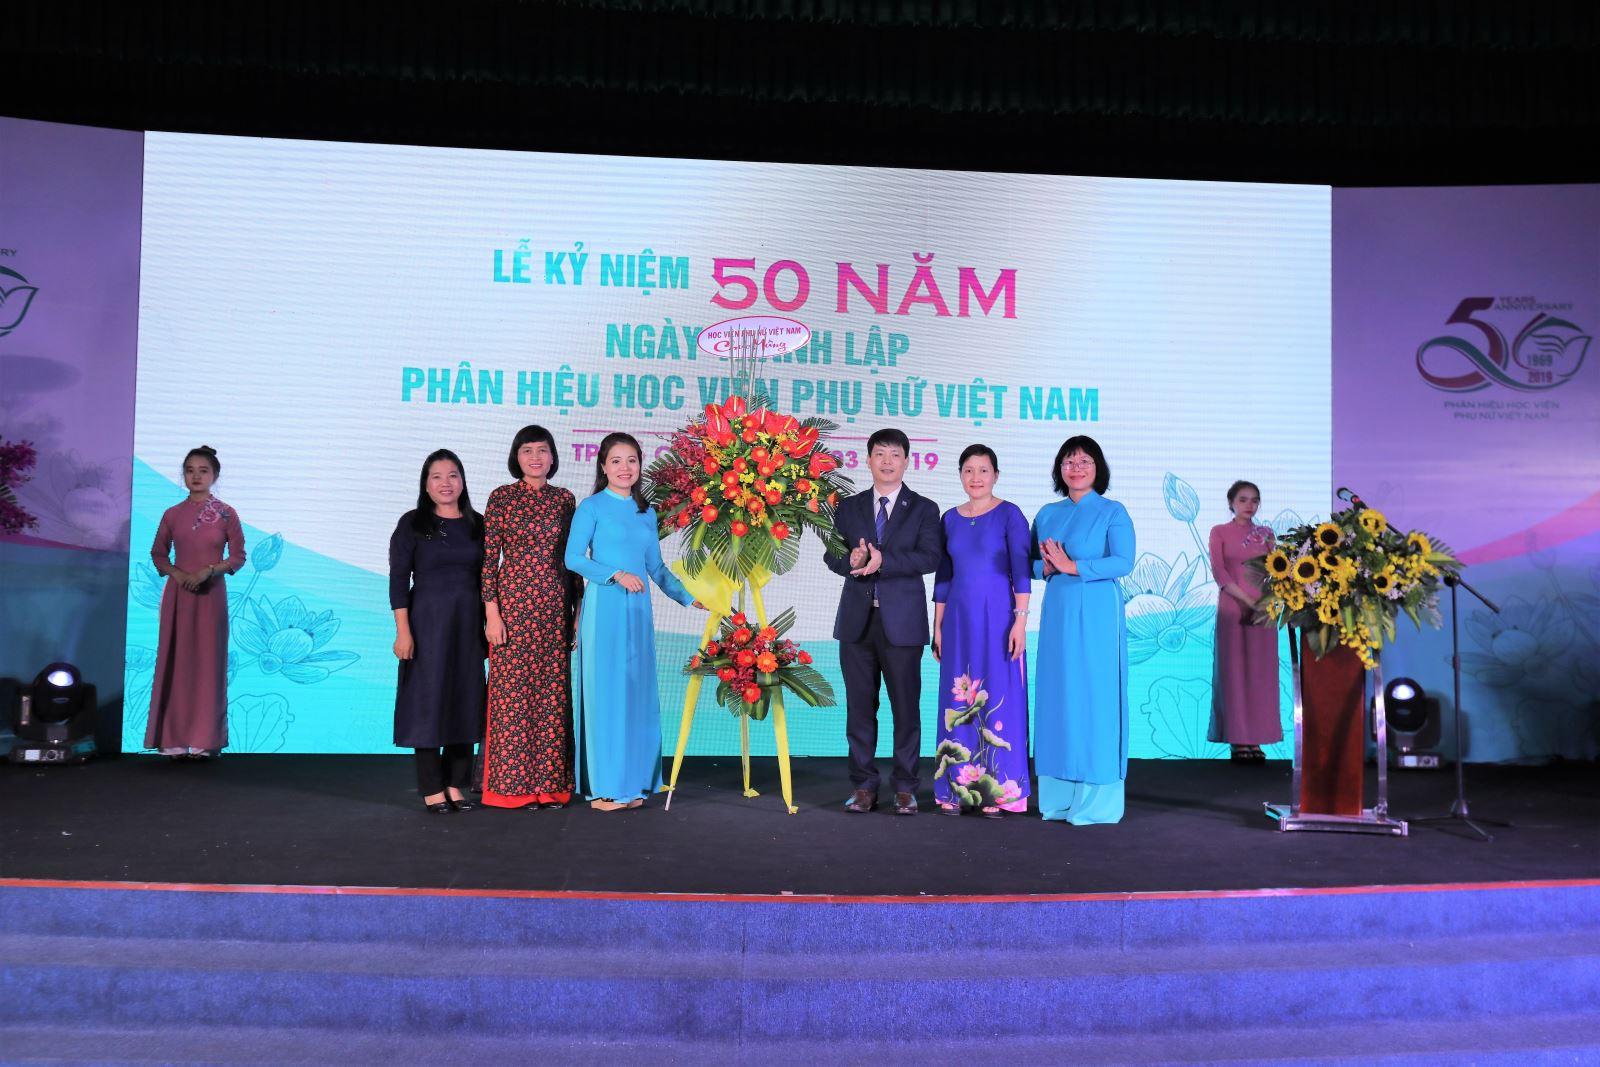 Phân hiệu Học viện Phụ nữ Việt  Nam – 50 năm Tự hào tiếp bước